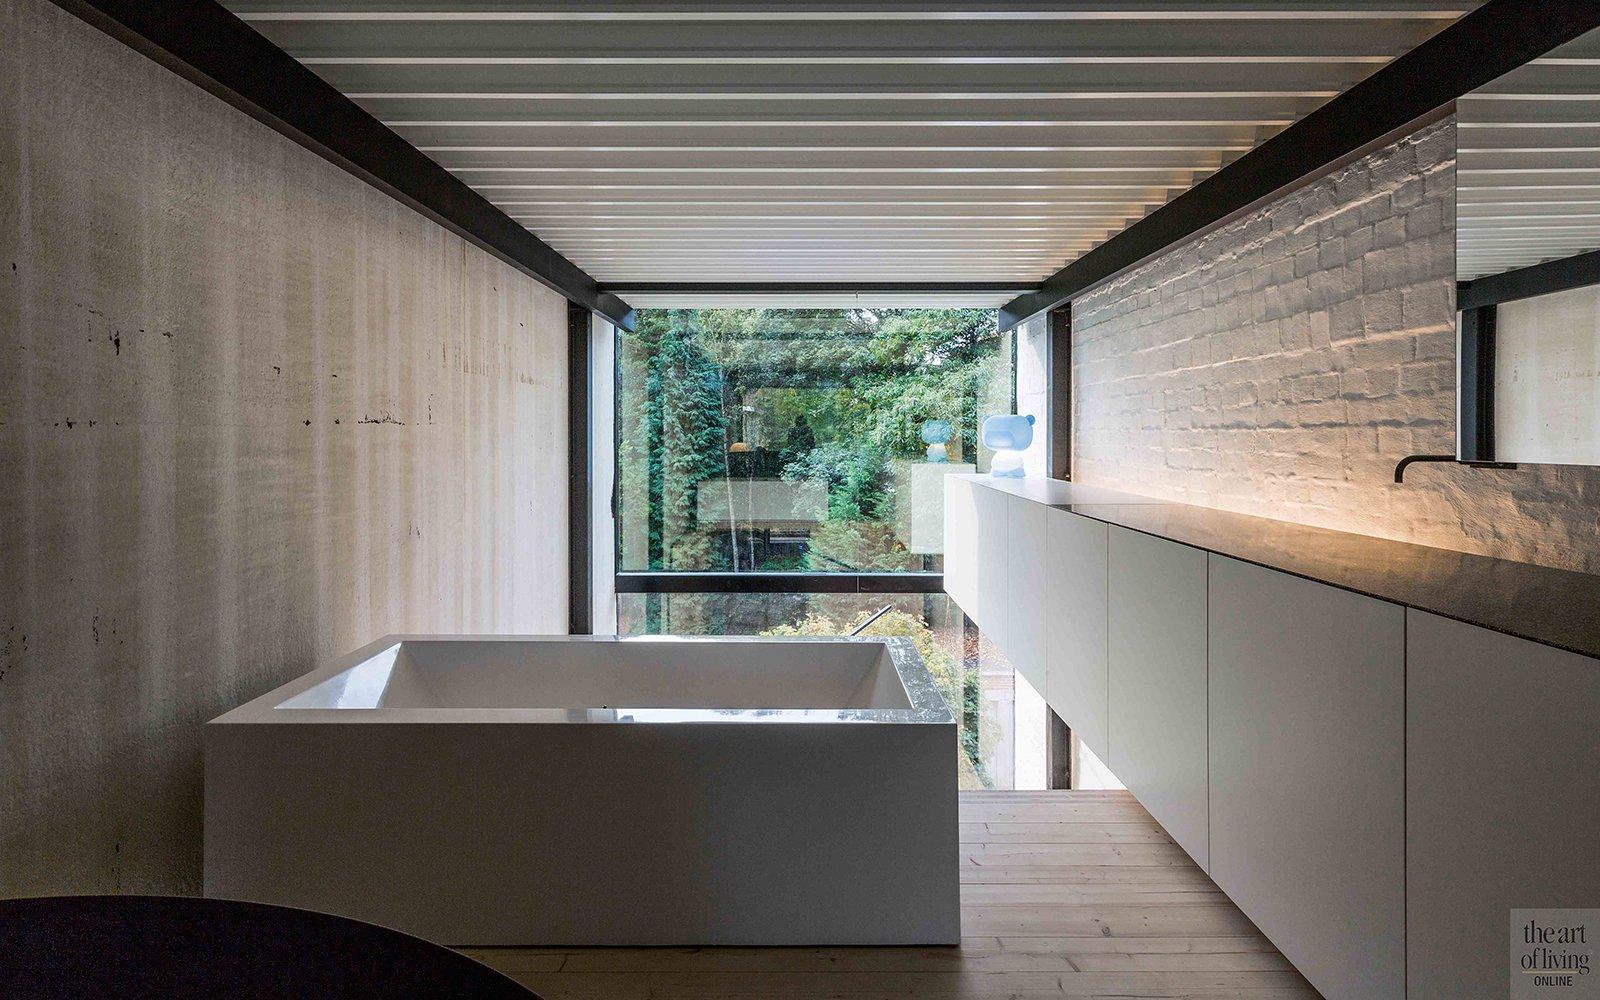 Badkamer, ensuite, bad, raam, kraan, afgrond, open ruimten, Icoon Architecten